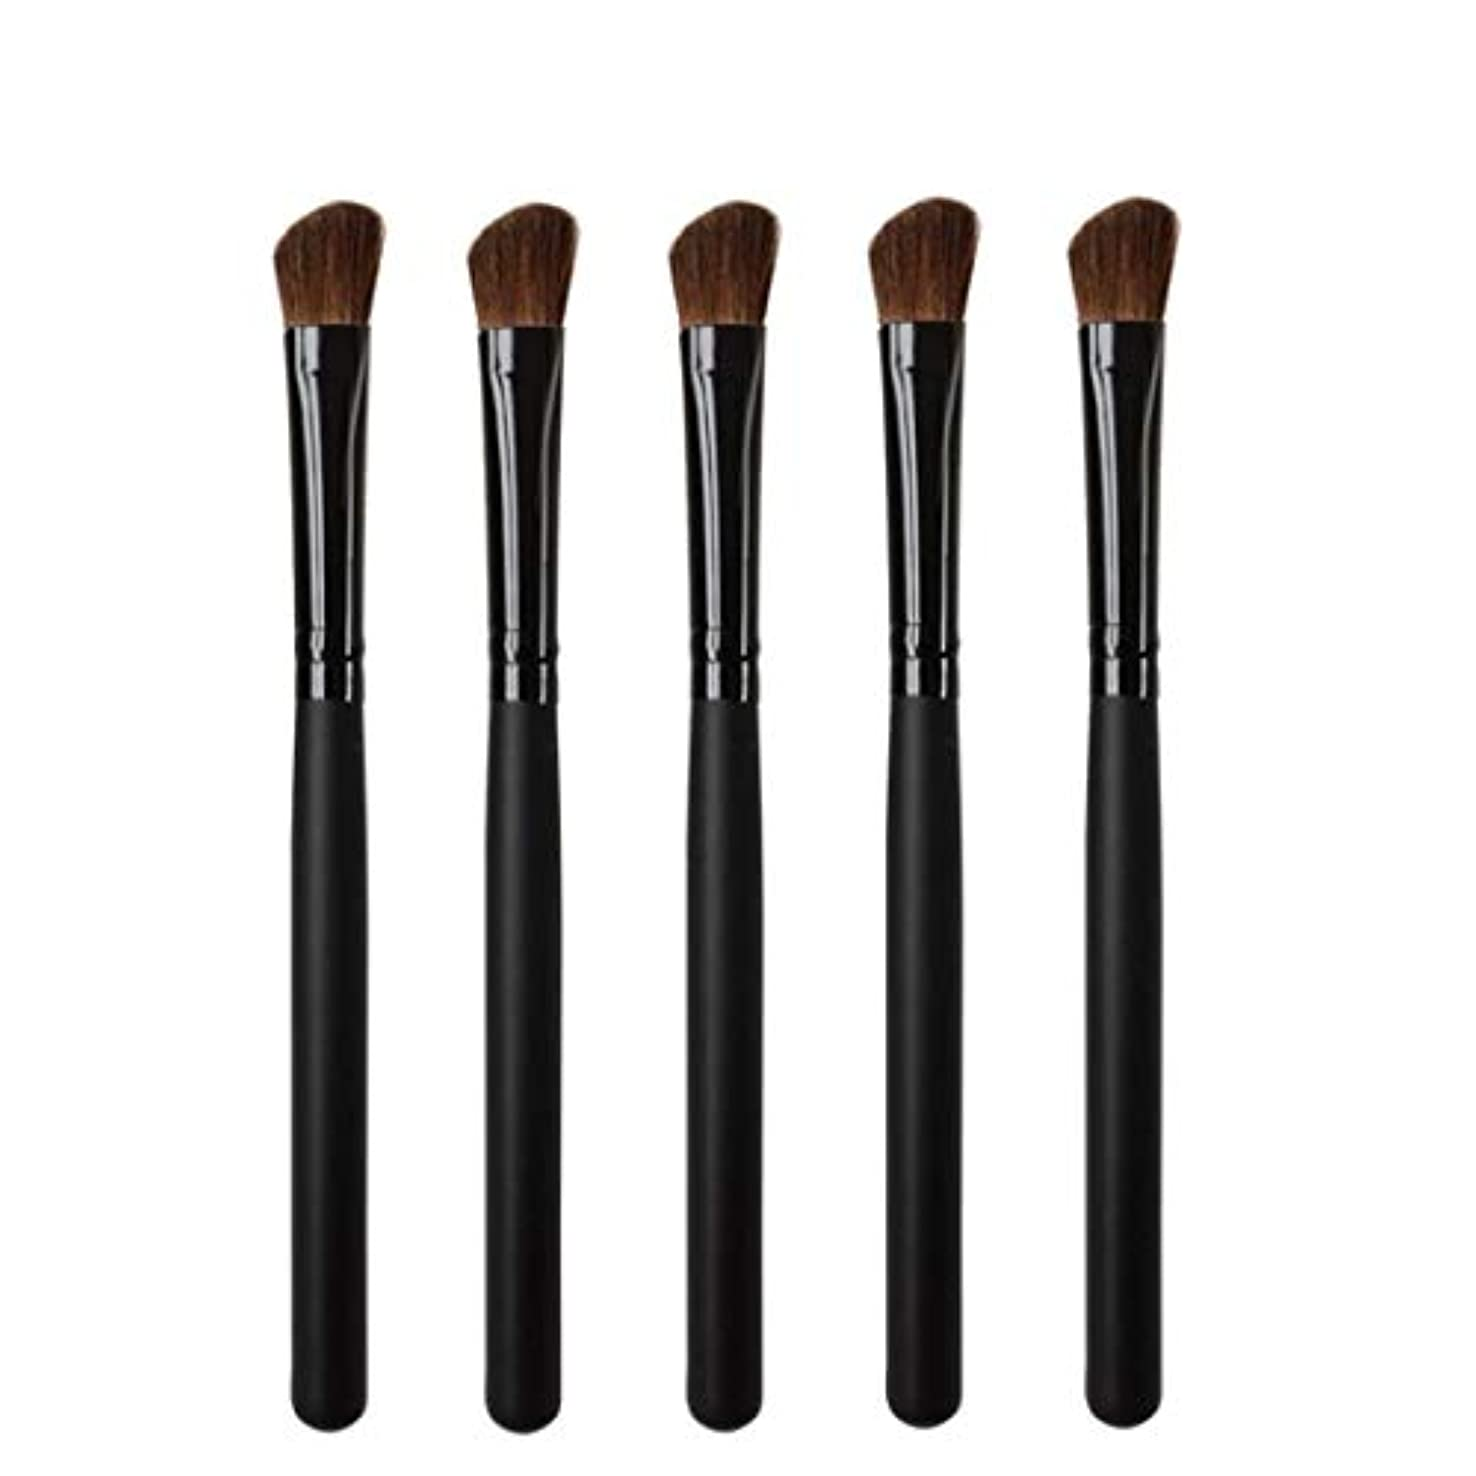 Makeup brushes 5リズムヘッド、持ち運びに快適な木製ハンドル、プロのアイシャドウ化粧道具 suits (Color : Black)